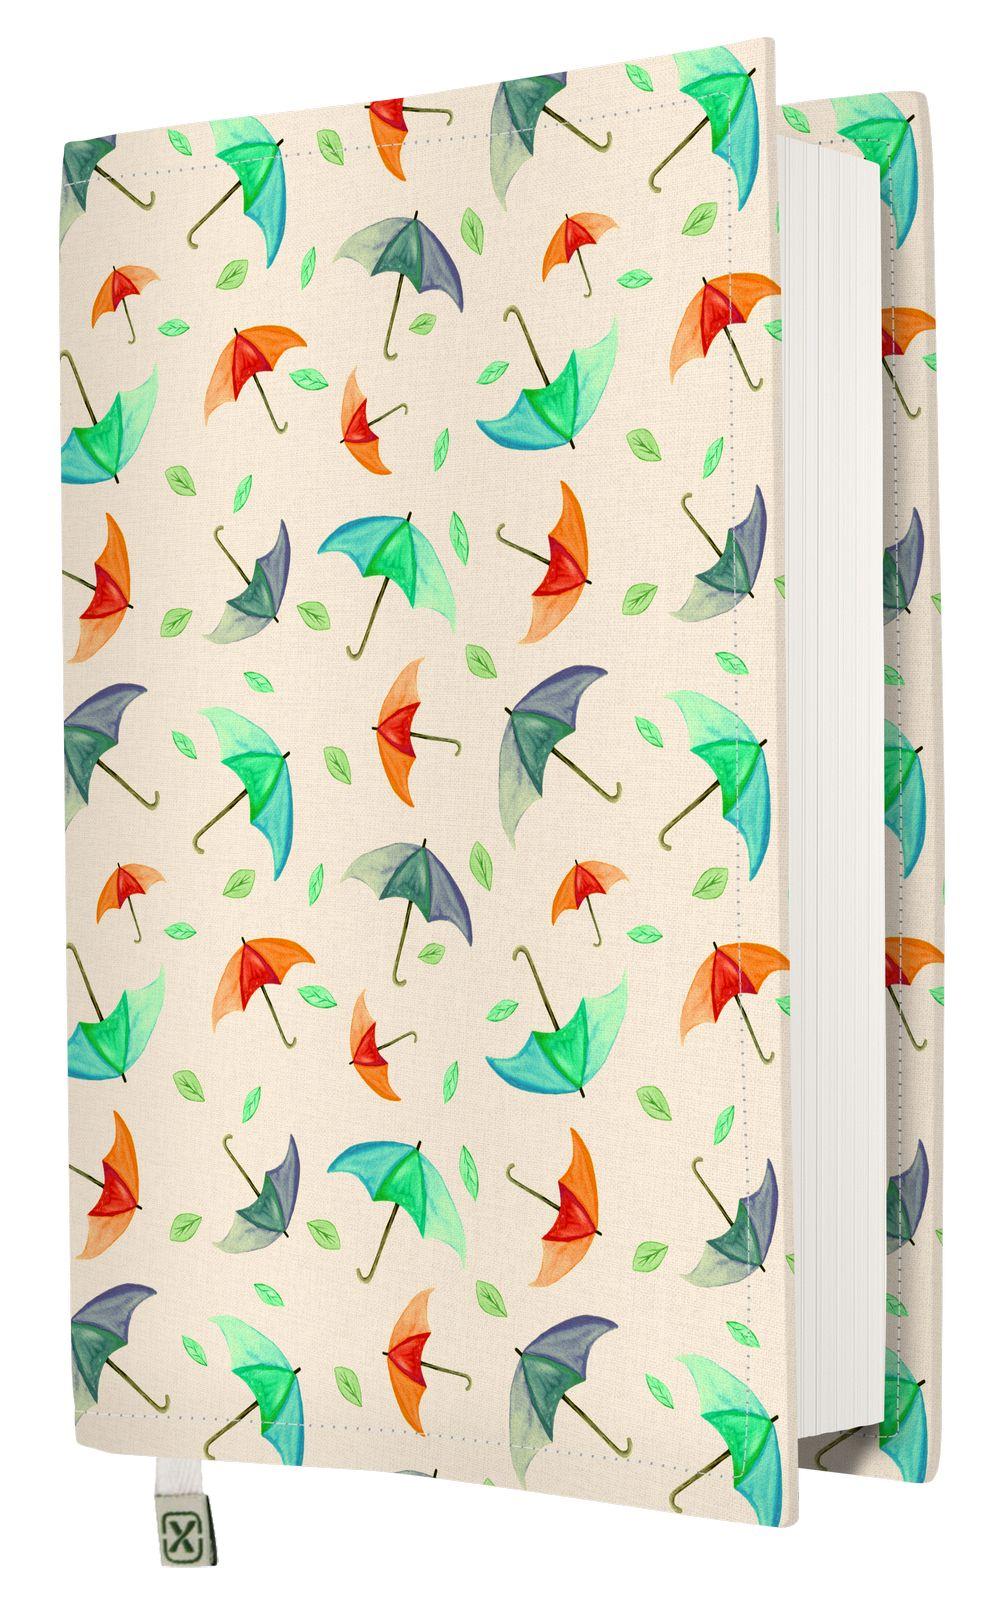 Kapax Kitap Kılıfı - Şemsiye - M - 31x21cm